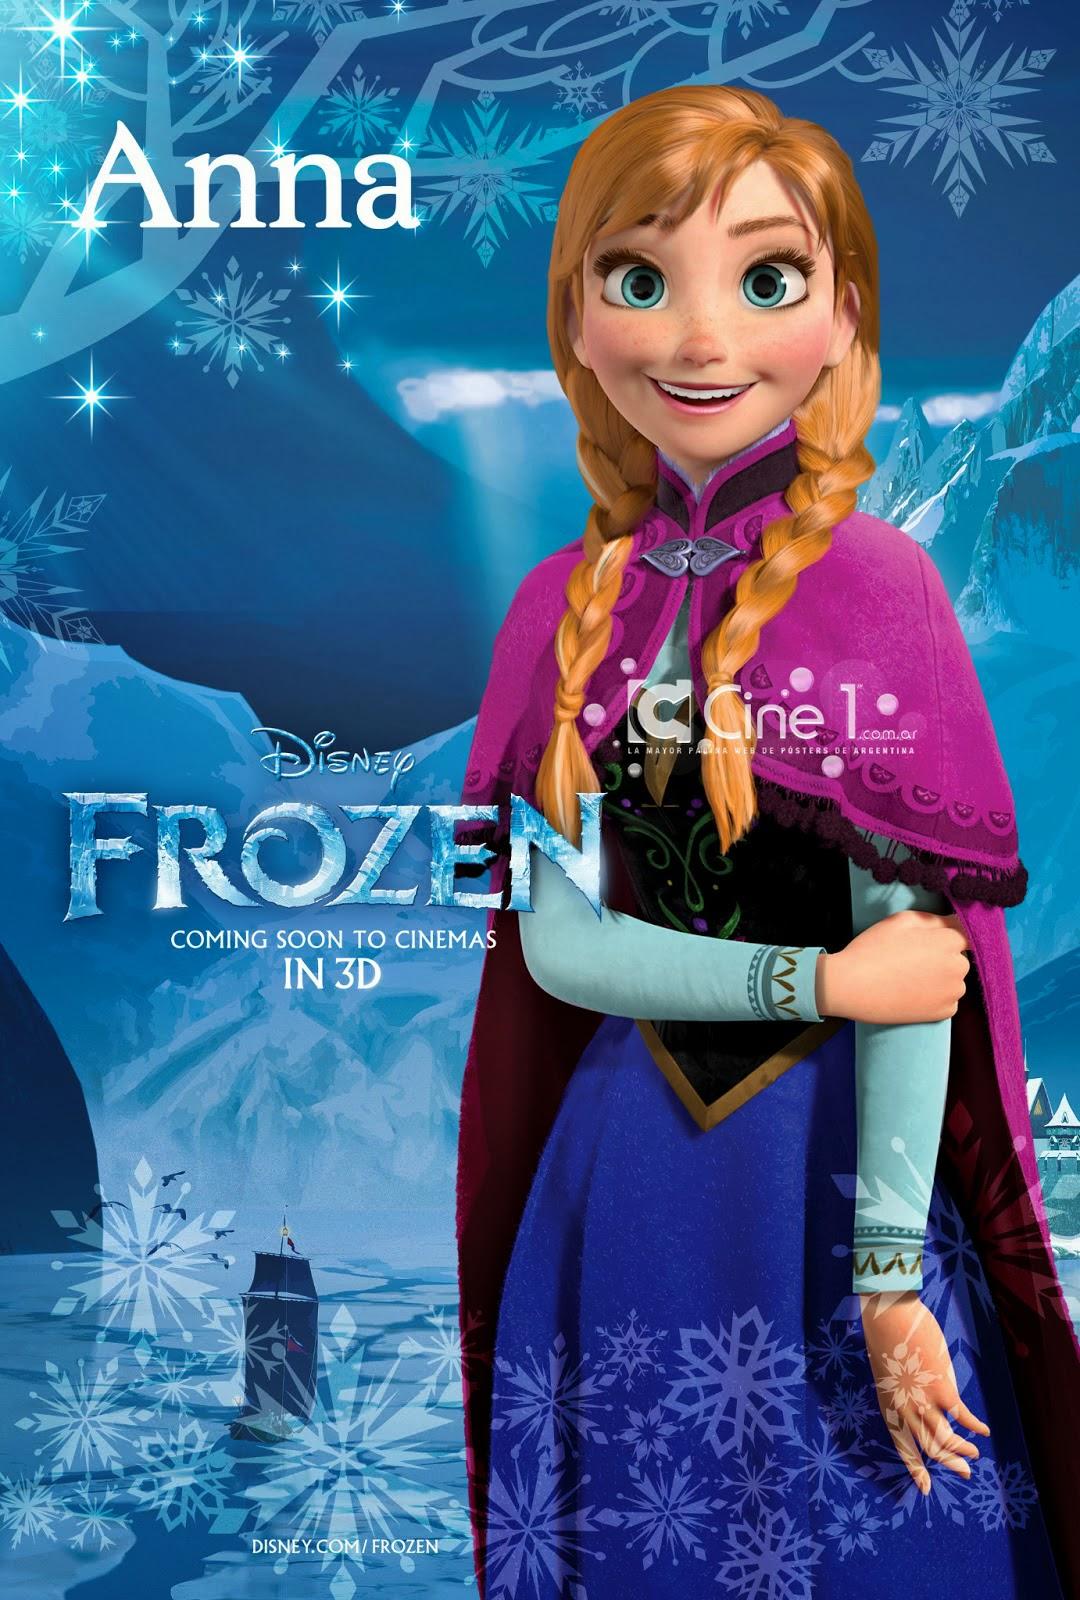 アナ一人のポスター画像のアナと雪の女王